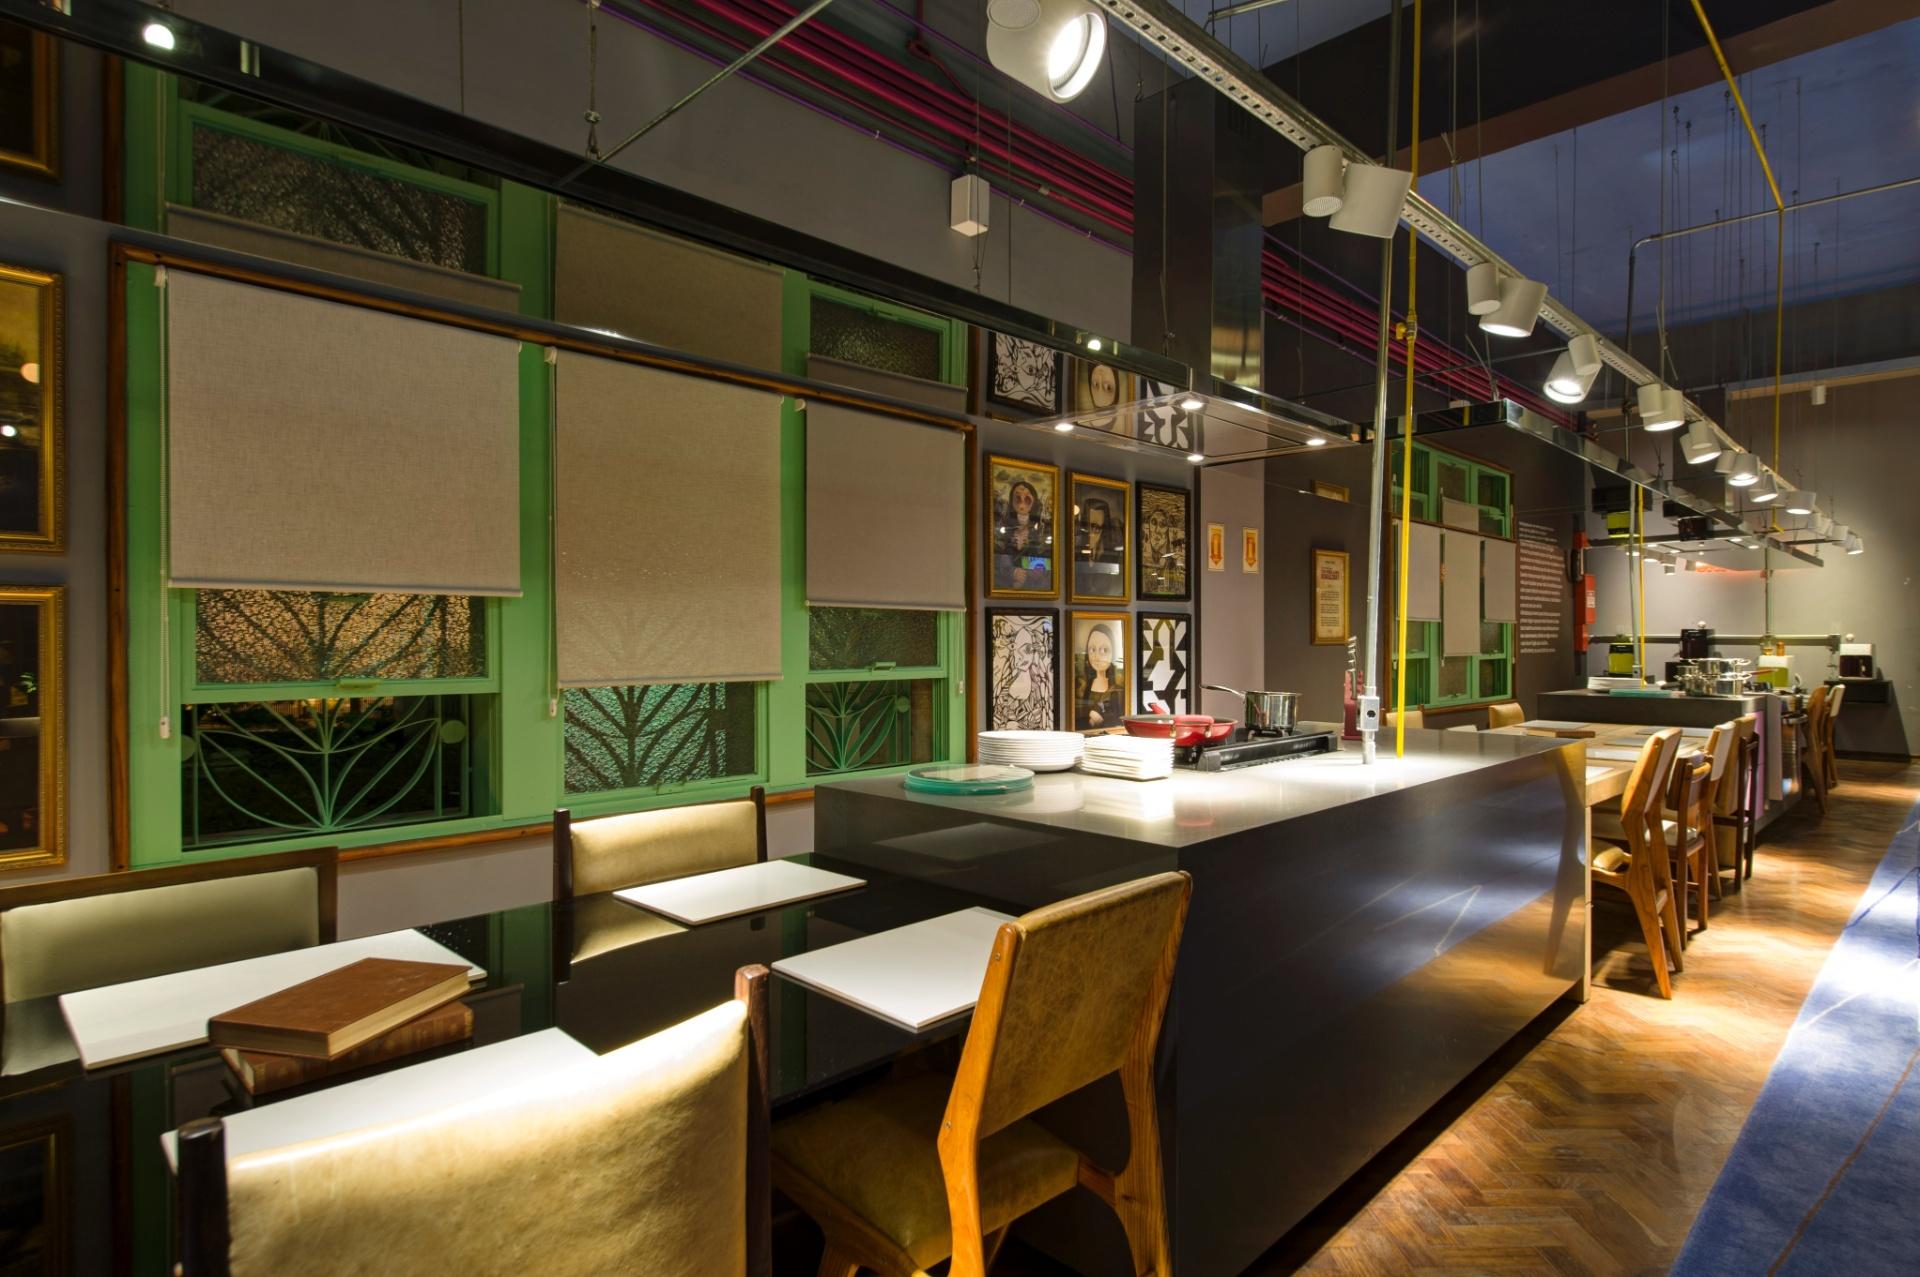 No Lounge Gourmet, desenhado por Gustavo Calazans, as ilhas e mesas estão alinhadas, formando grandes bancadas. A 27ª Casa Cor SP segue até dia 21 de julho de 2013, no Jockey Club de São Paulo